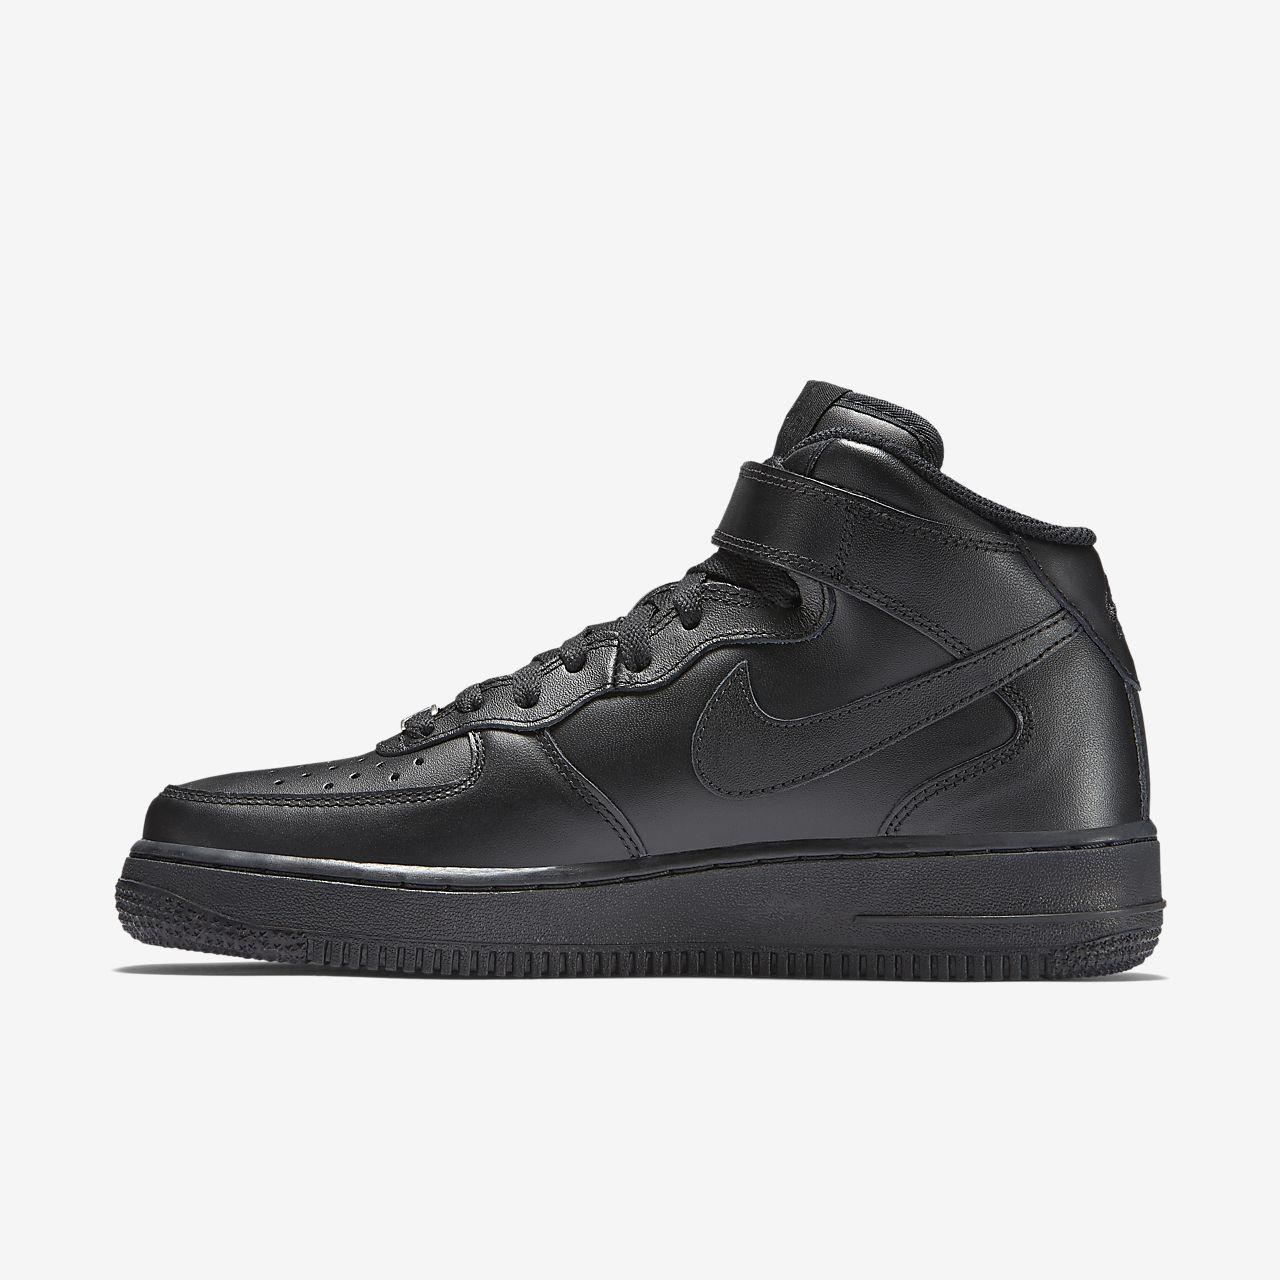 Nike Air Force 1 '07, Chaussures de Sport Femme, Noir (Black), 44 EU